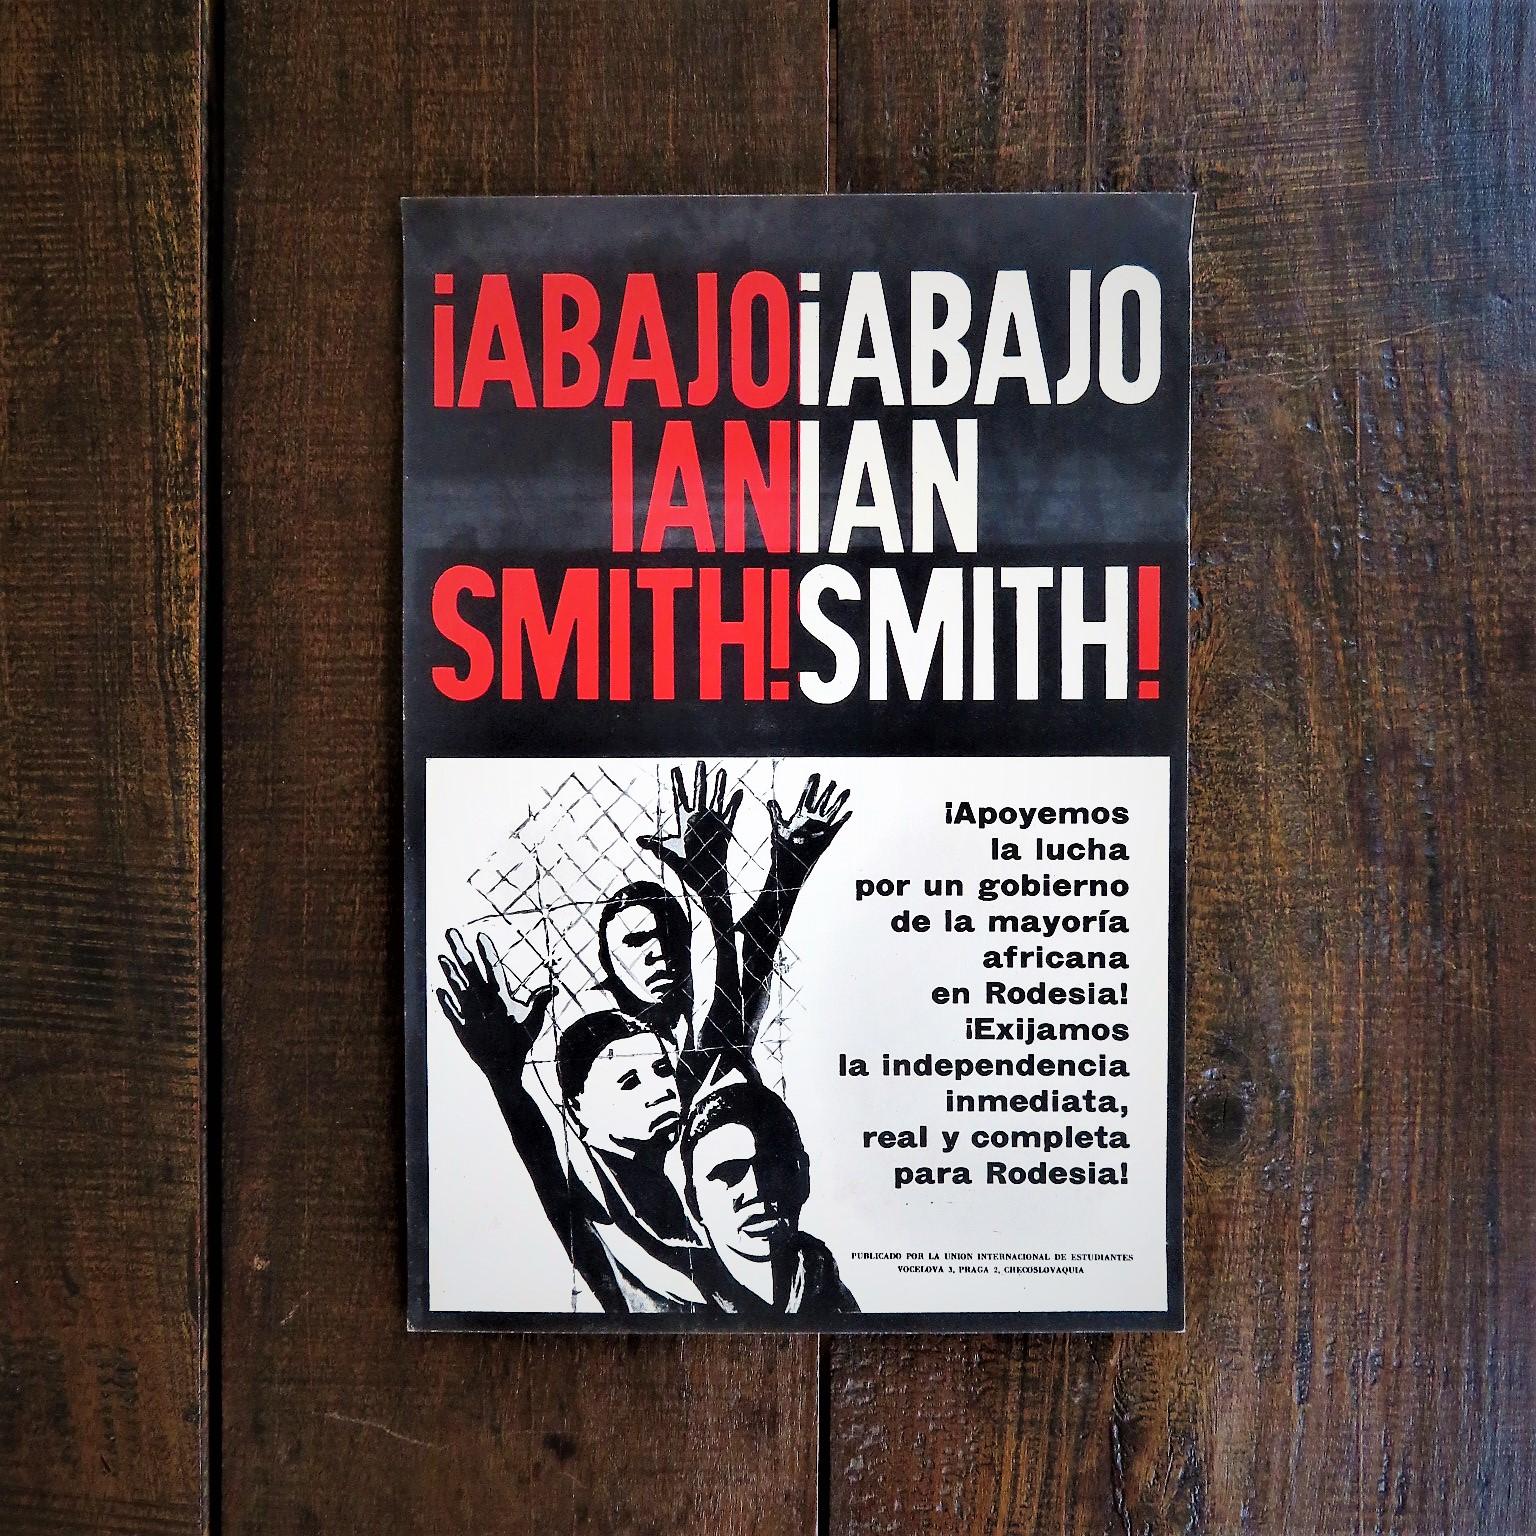 abajo-ian-smith-poster-1